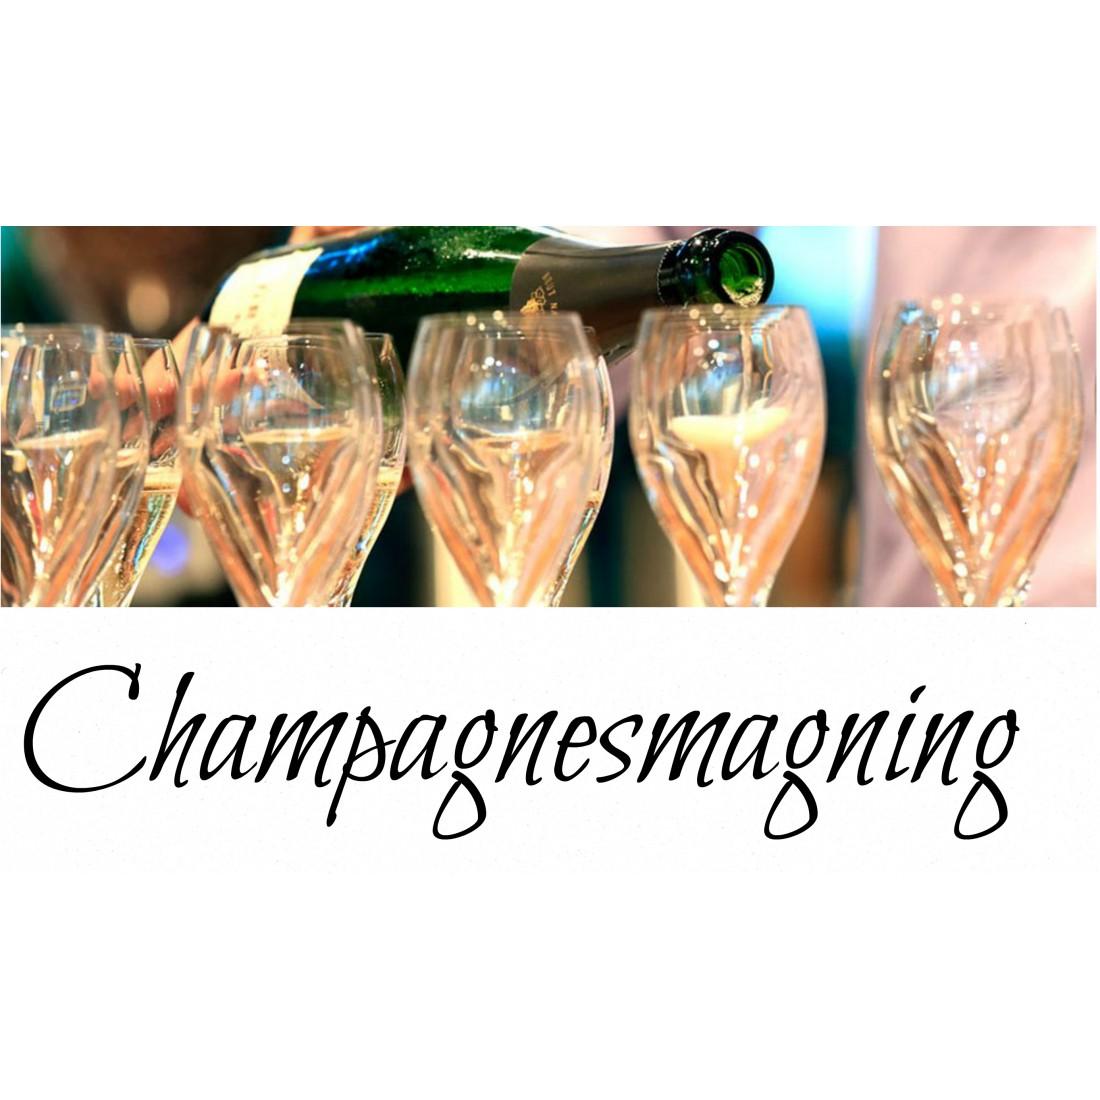 Champagnesmagning lørdag den 15 februar kl. 19.00 I ChampagneKælderen-31